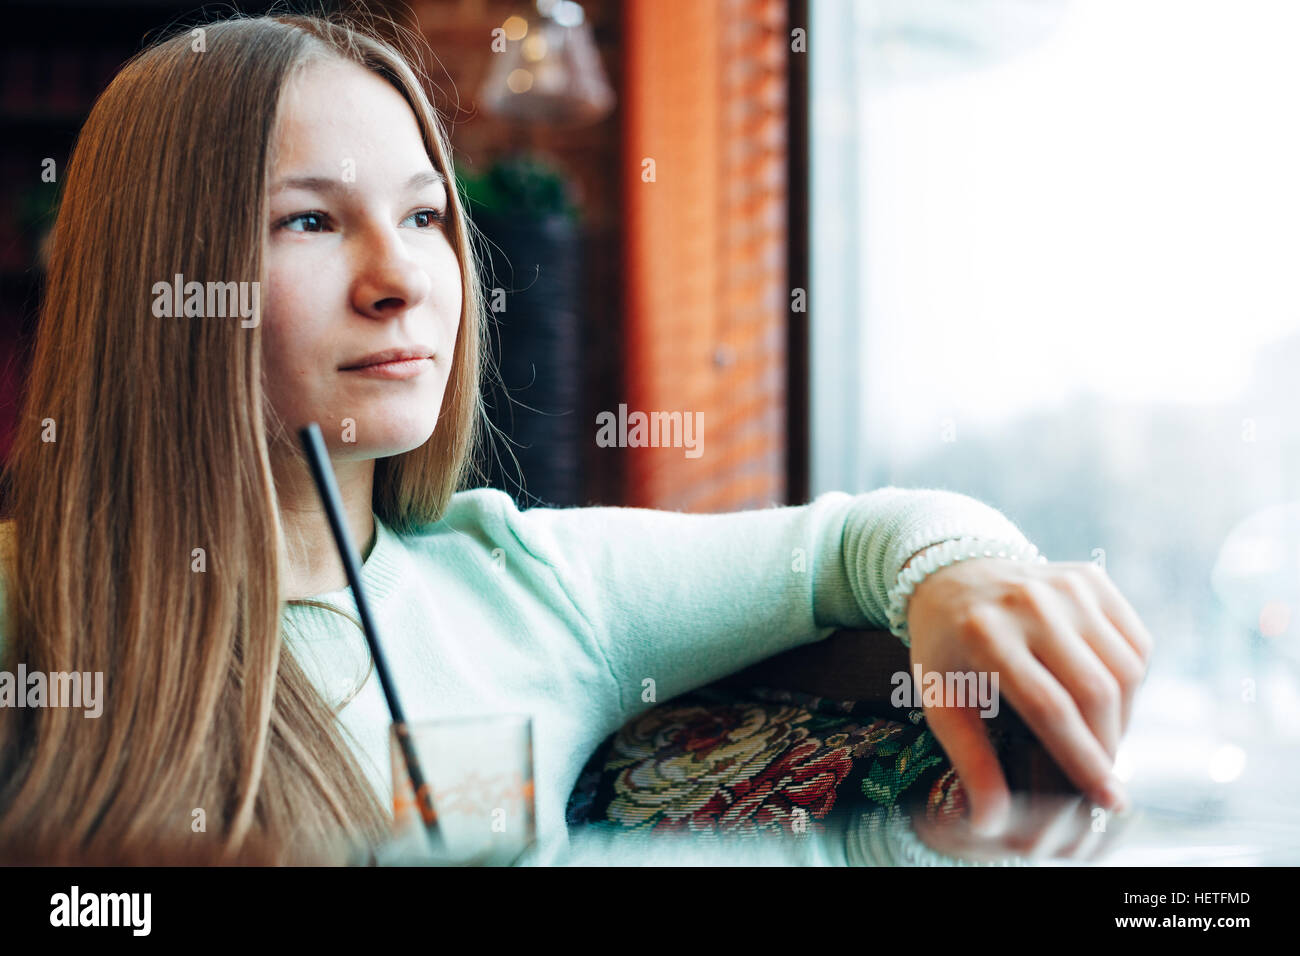 Foto de una mujer beber jugo a través de la ventana Imagen De Stock